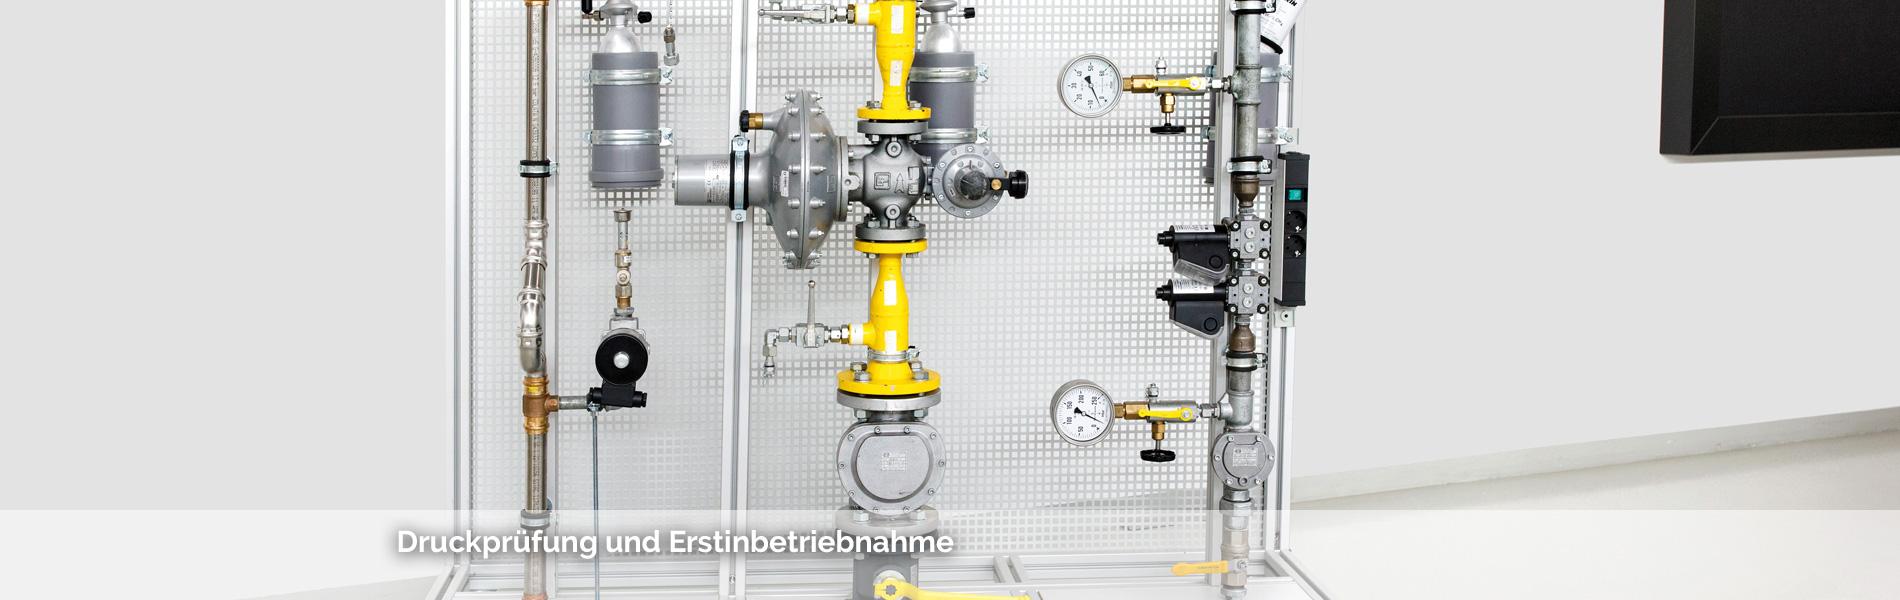 Tätigkeiten an freiverlegten Gasleitungen